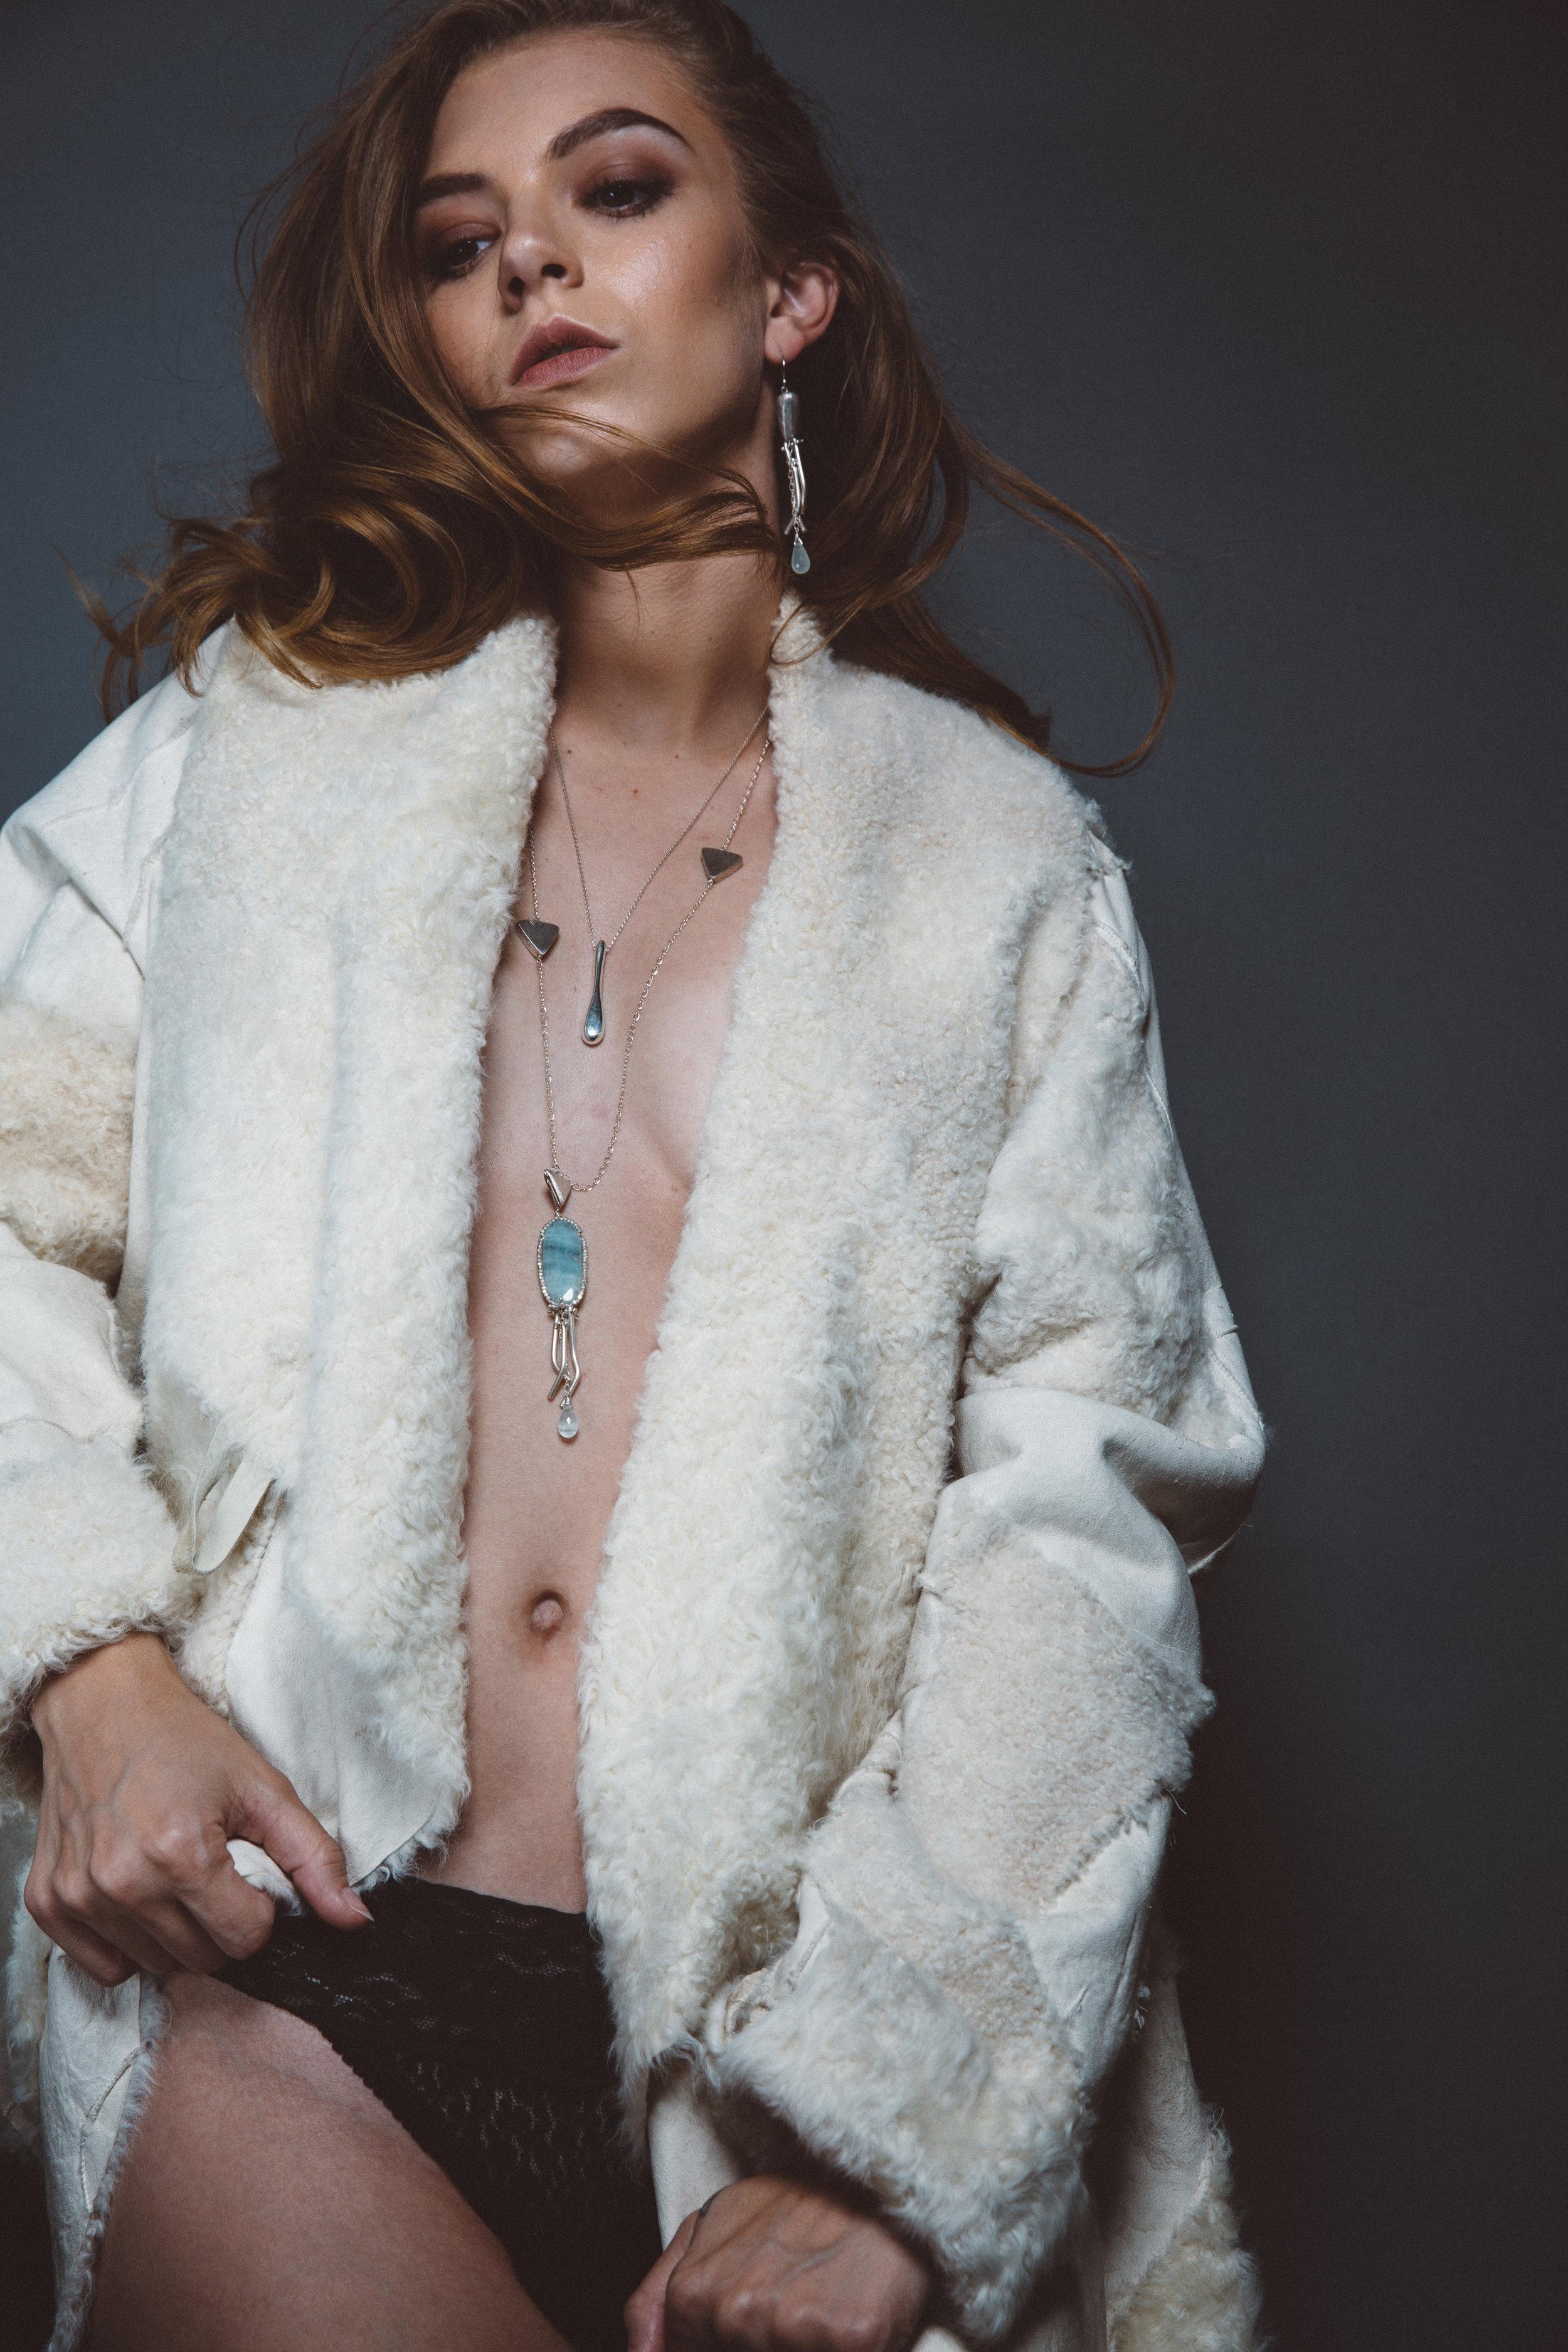 model wearing long aquamarine necklace